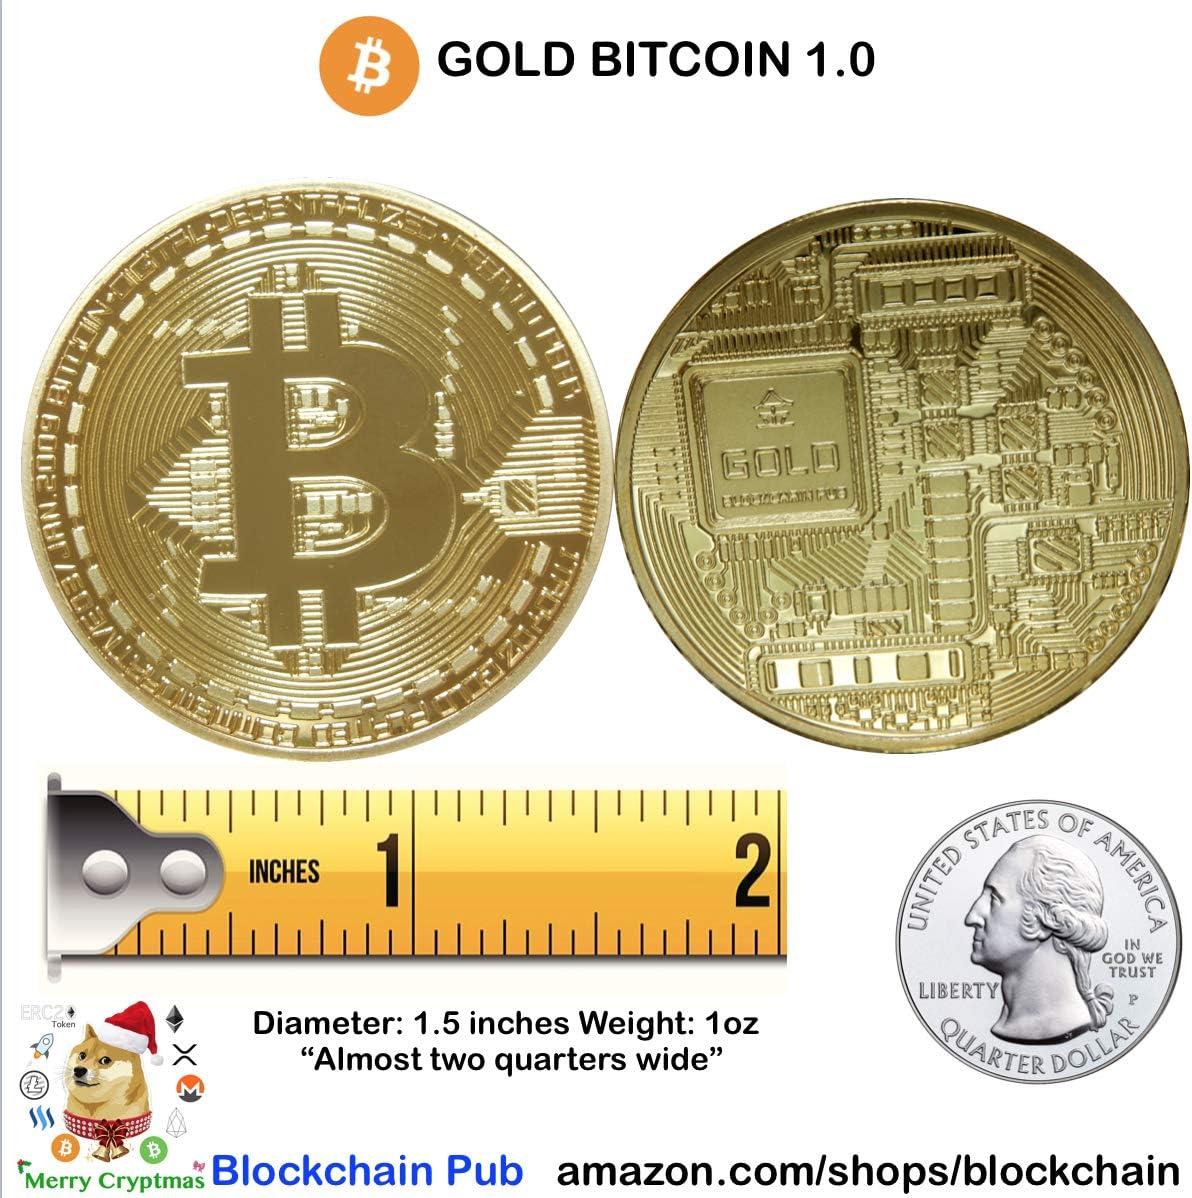 Kaiou bitcoins uk betting sites